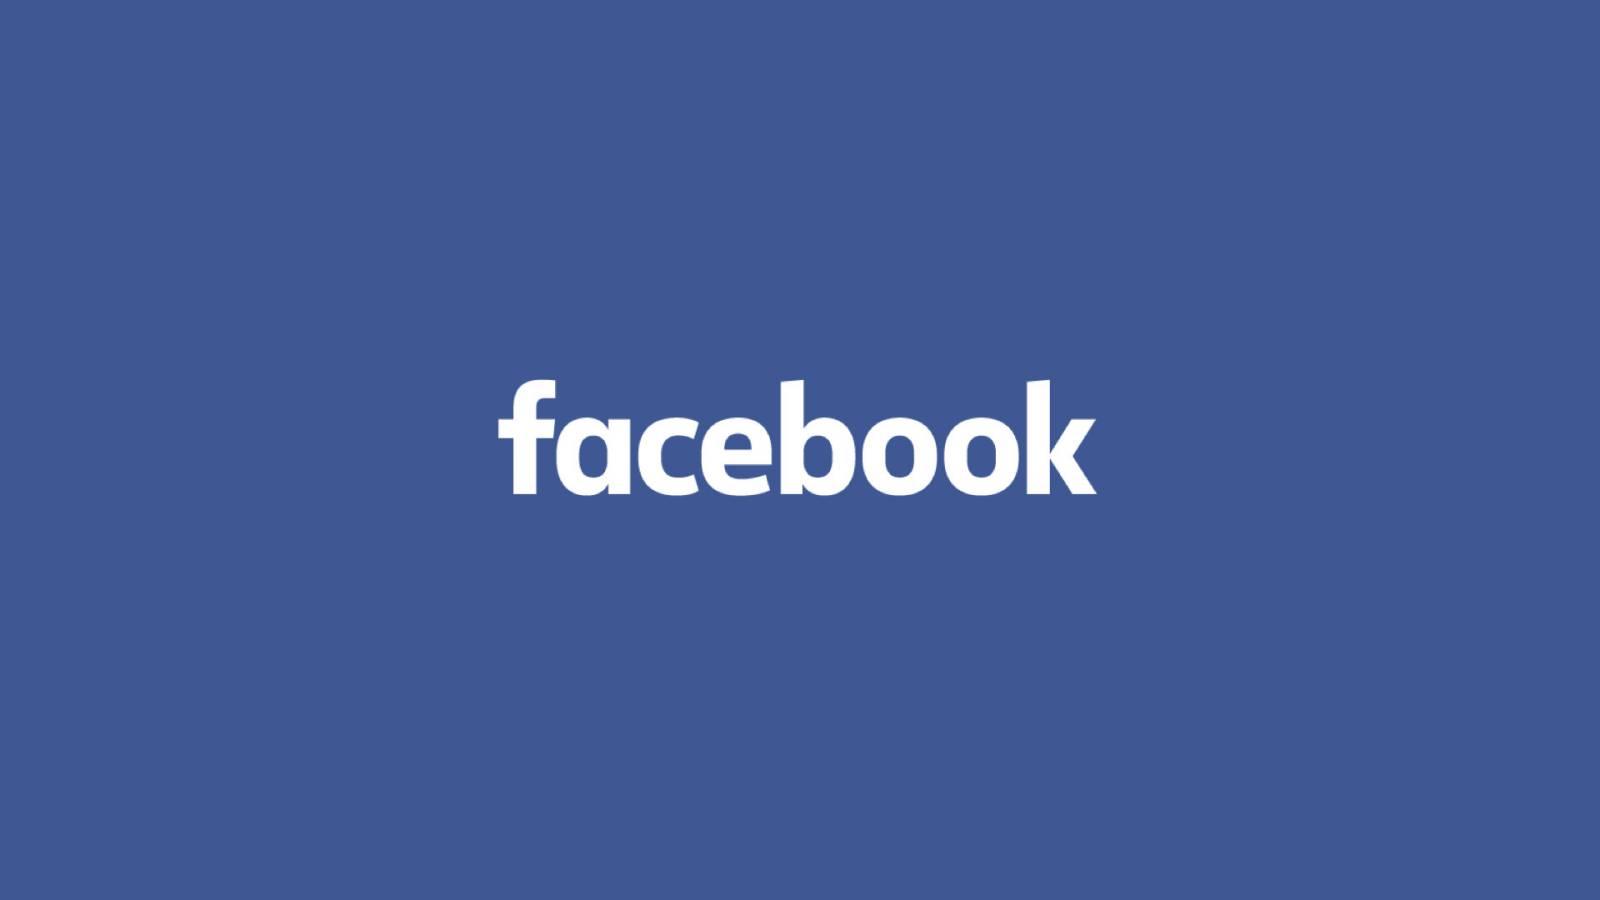 Facebook Actualizarea cu Schimbasri pentru Telefoane si Tablete